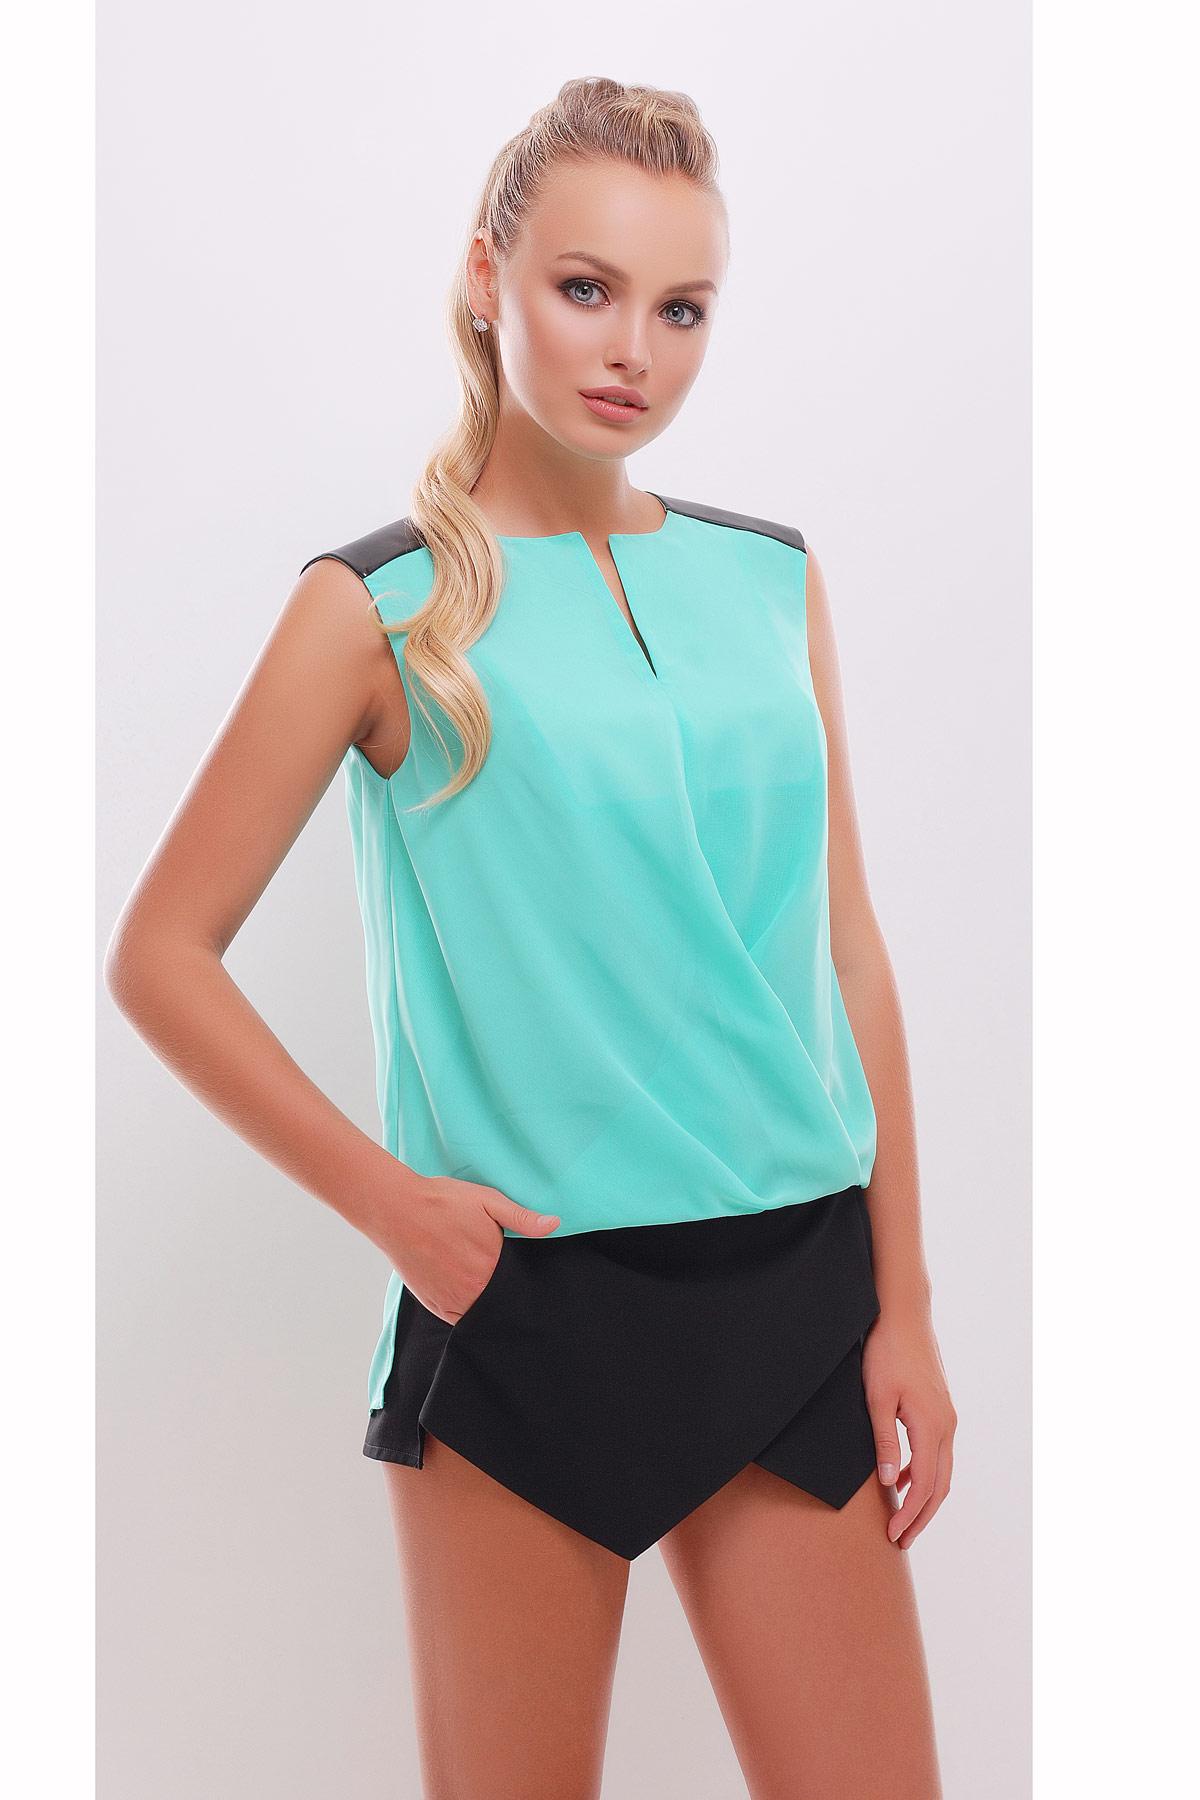 Блузка черная без рукавов купить